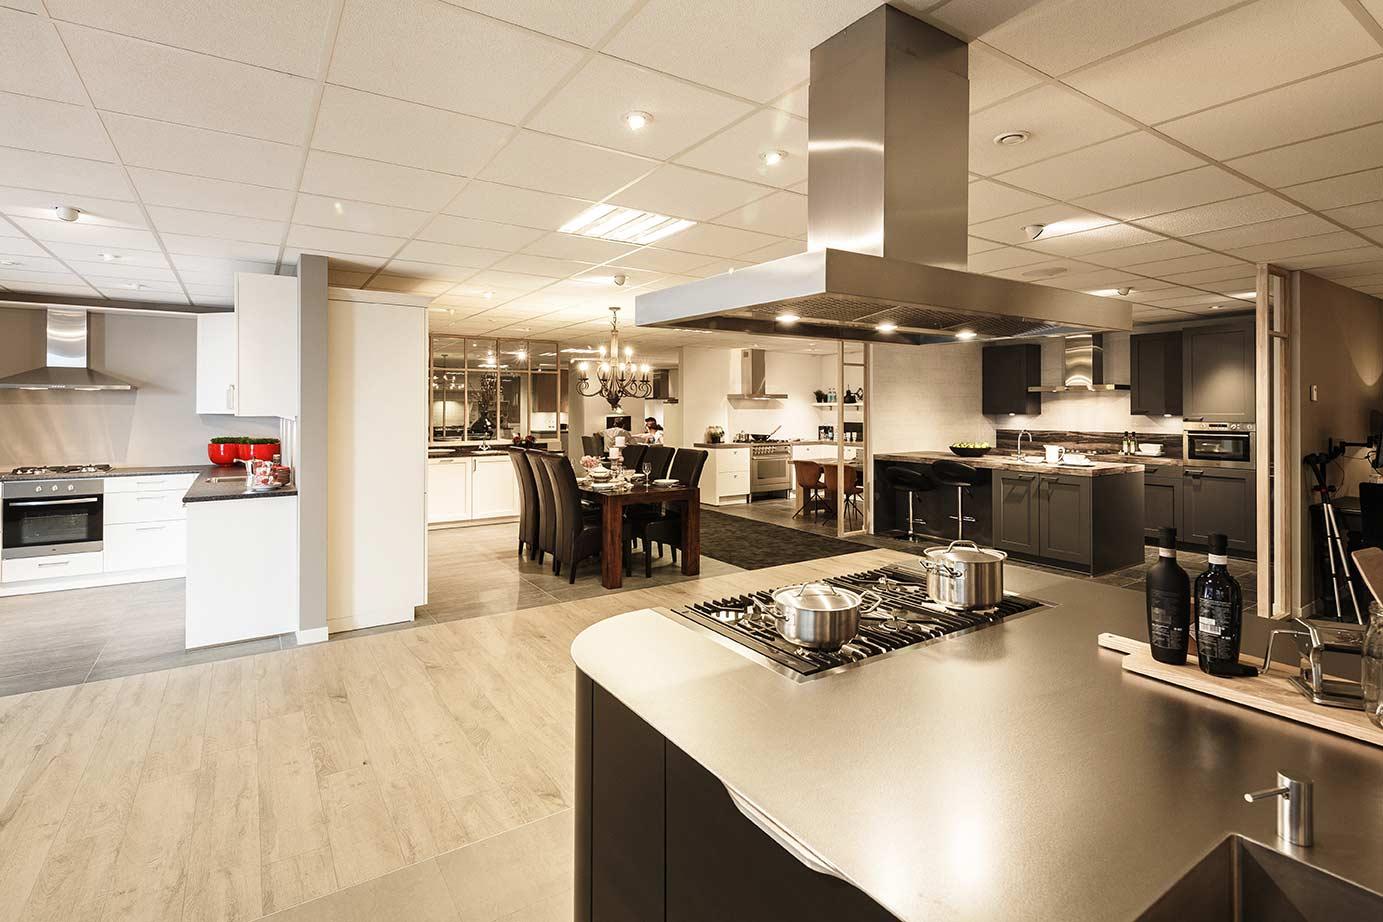 Keukens Goede Prijs Kwaliteit : Keukens met direct de scherpste prijs Ardi